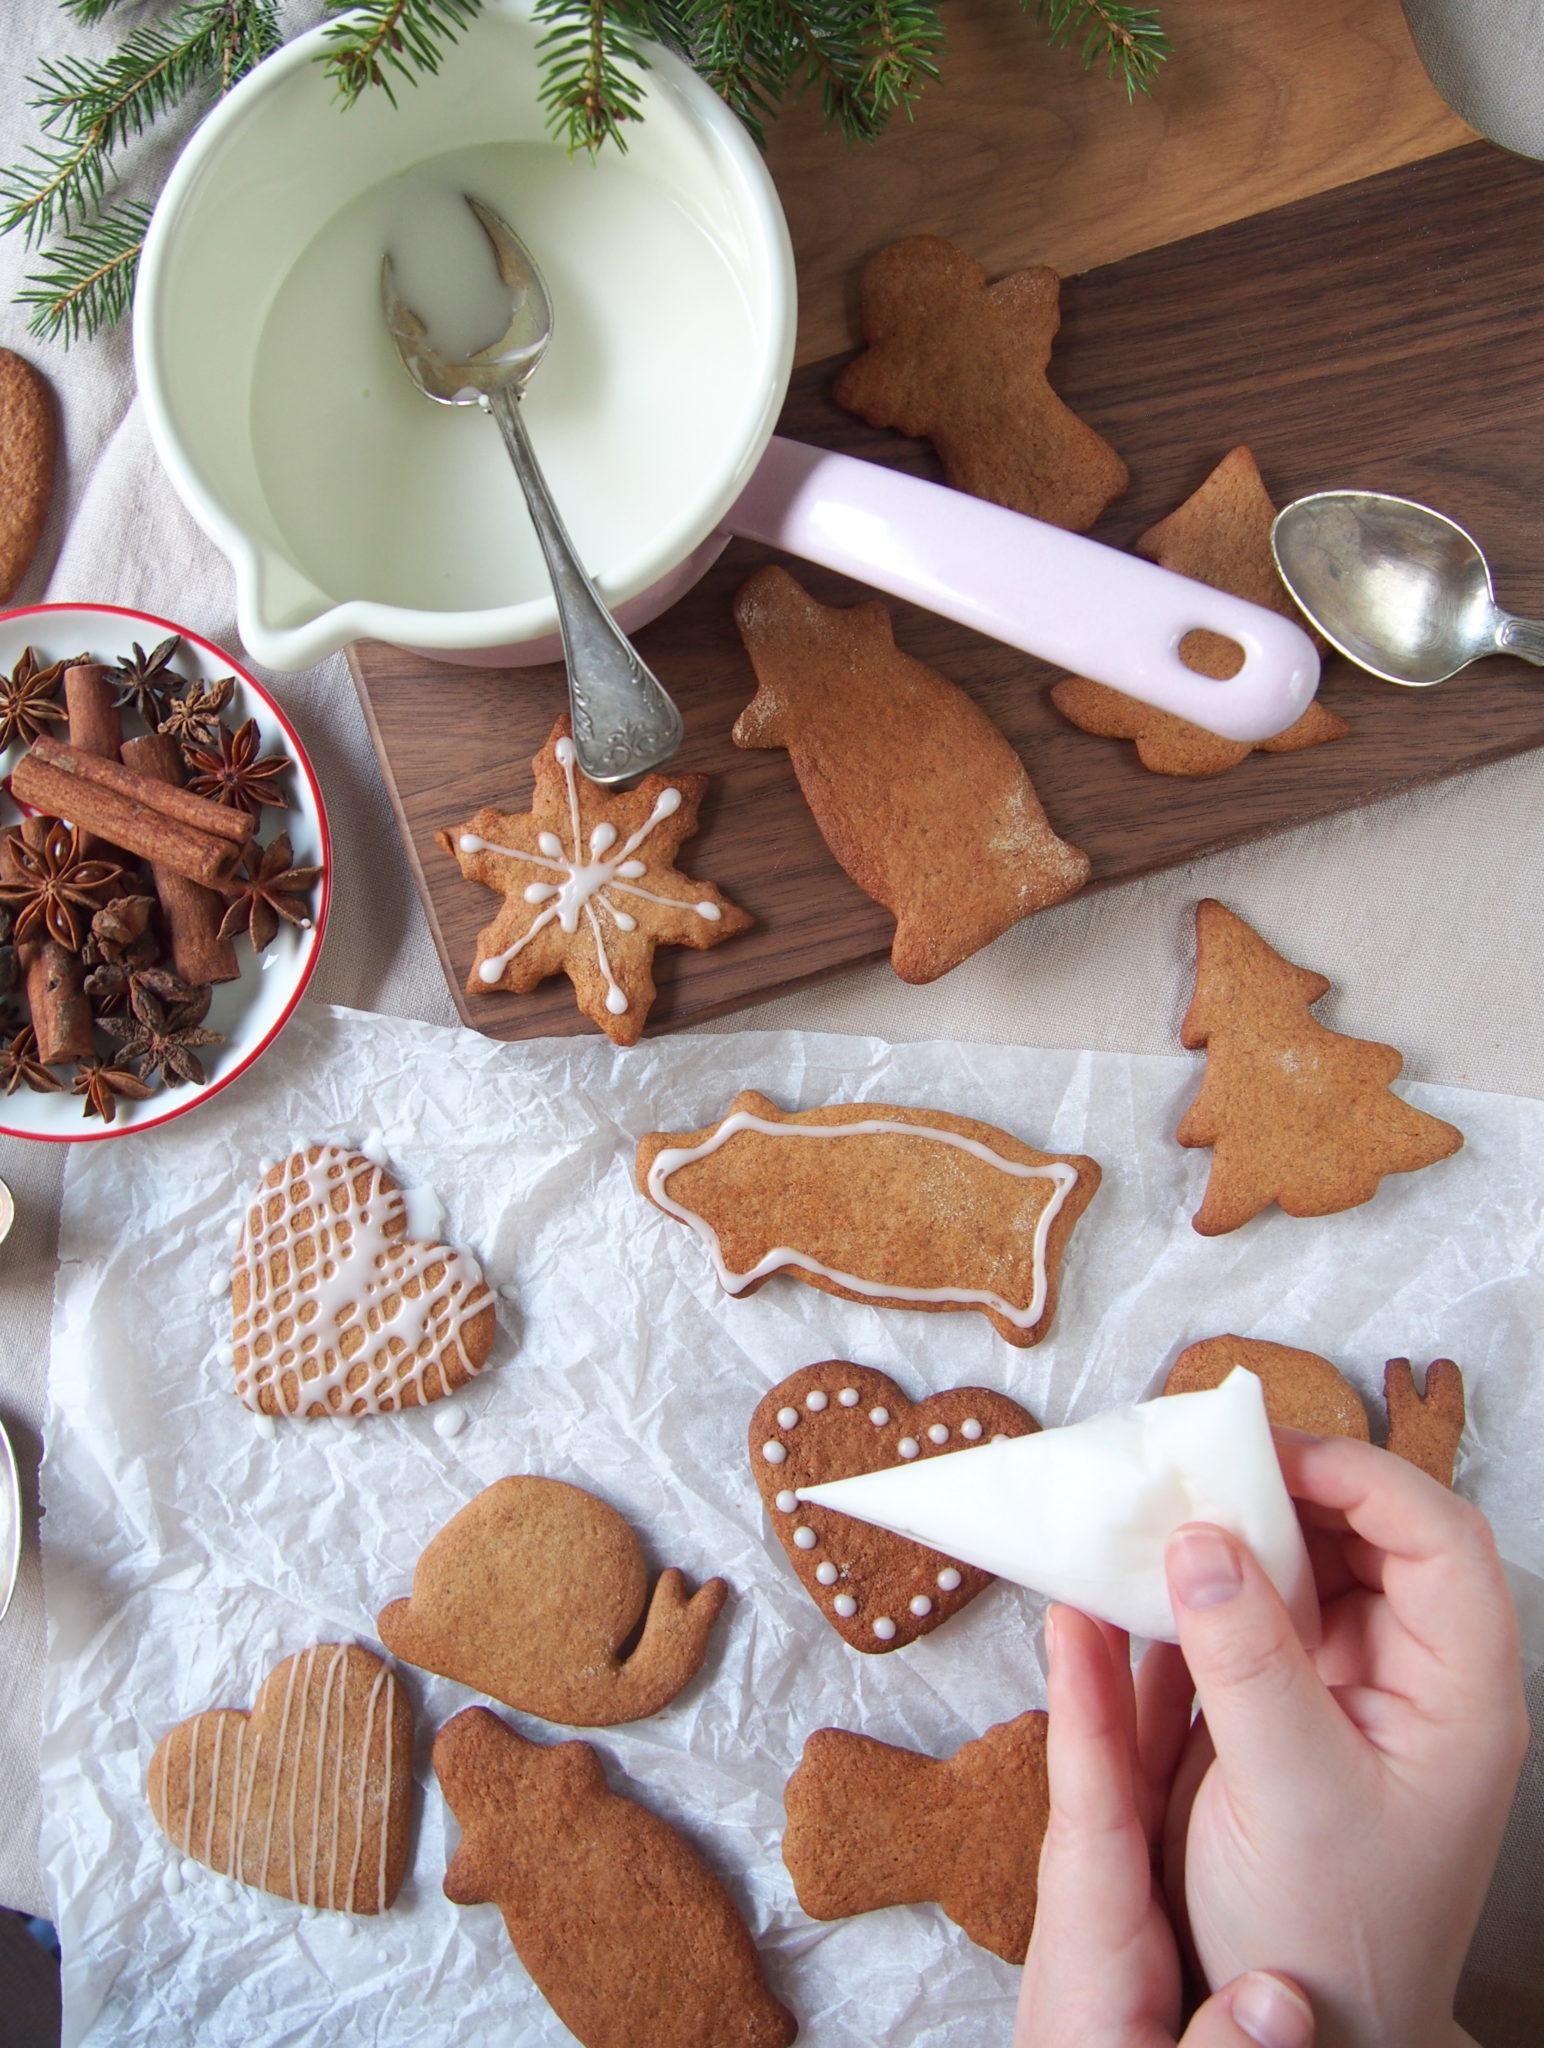 Parhaat joulureseptit – Joulukalenteri luukku 15 – Dr. Sugar | Meillä kotona